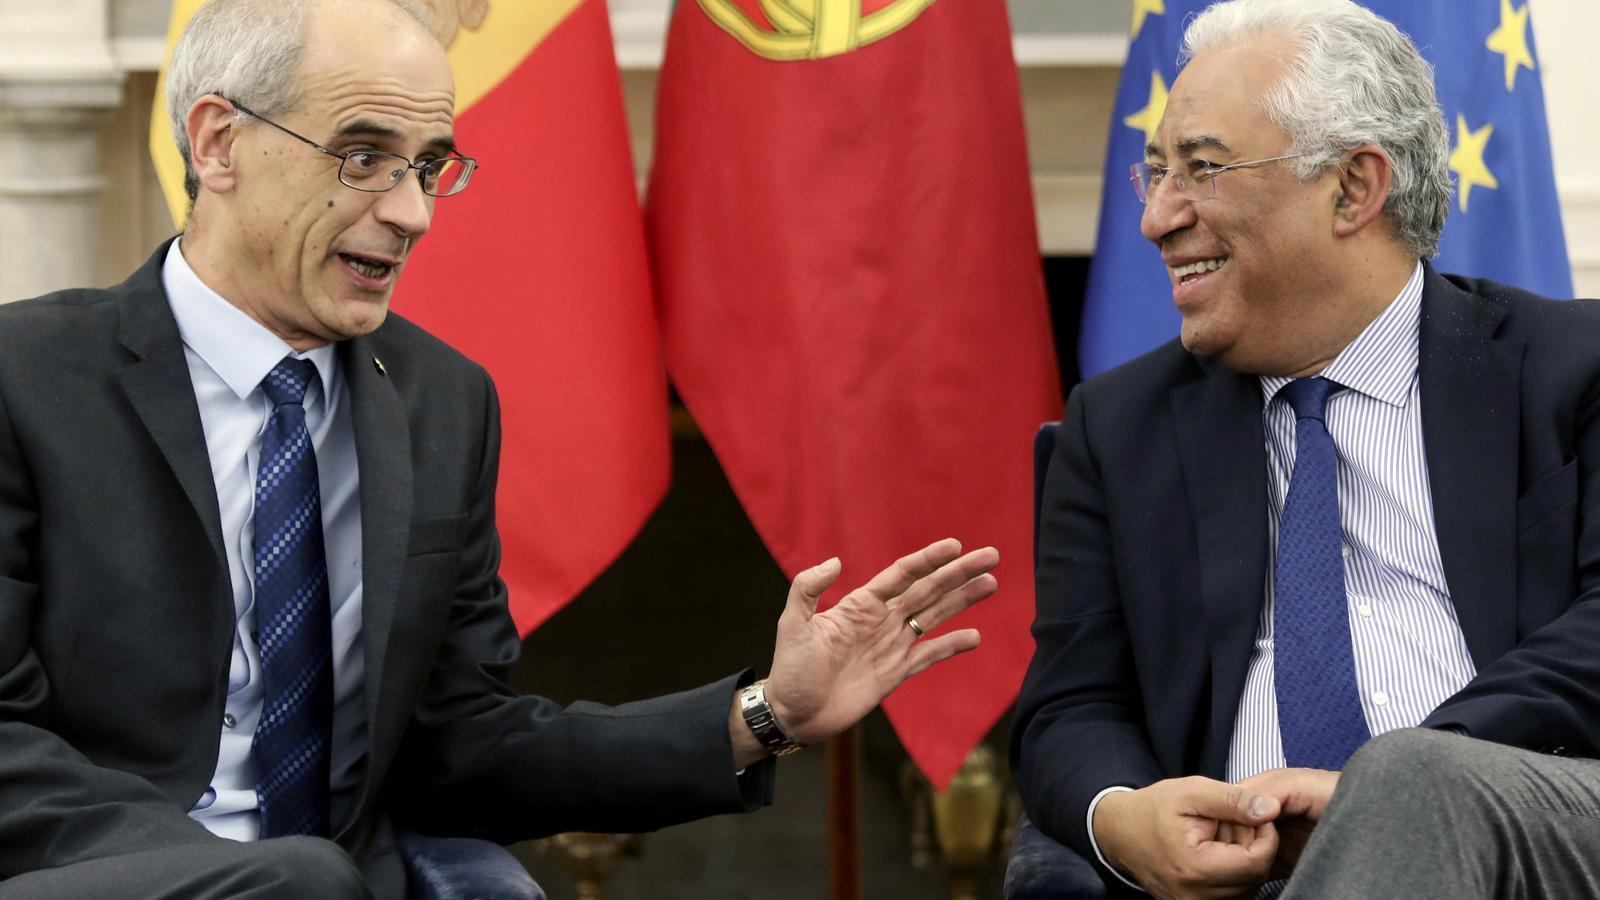 El cap de Govern, Toni Martí, i el primer ministre portuguès António Costa, durant la reunió d'aquest divendres a Lisboa. / EFE